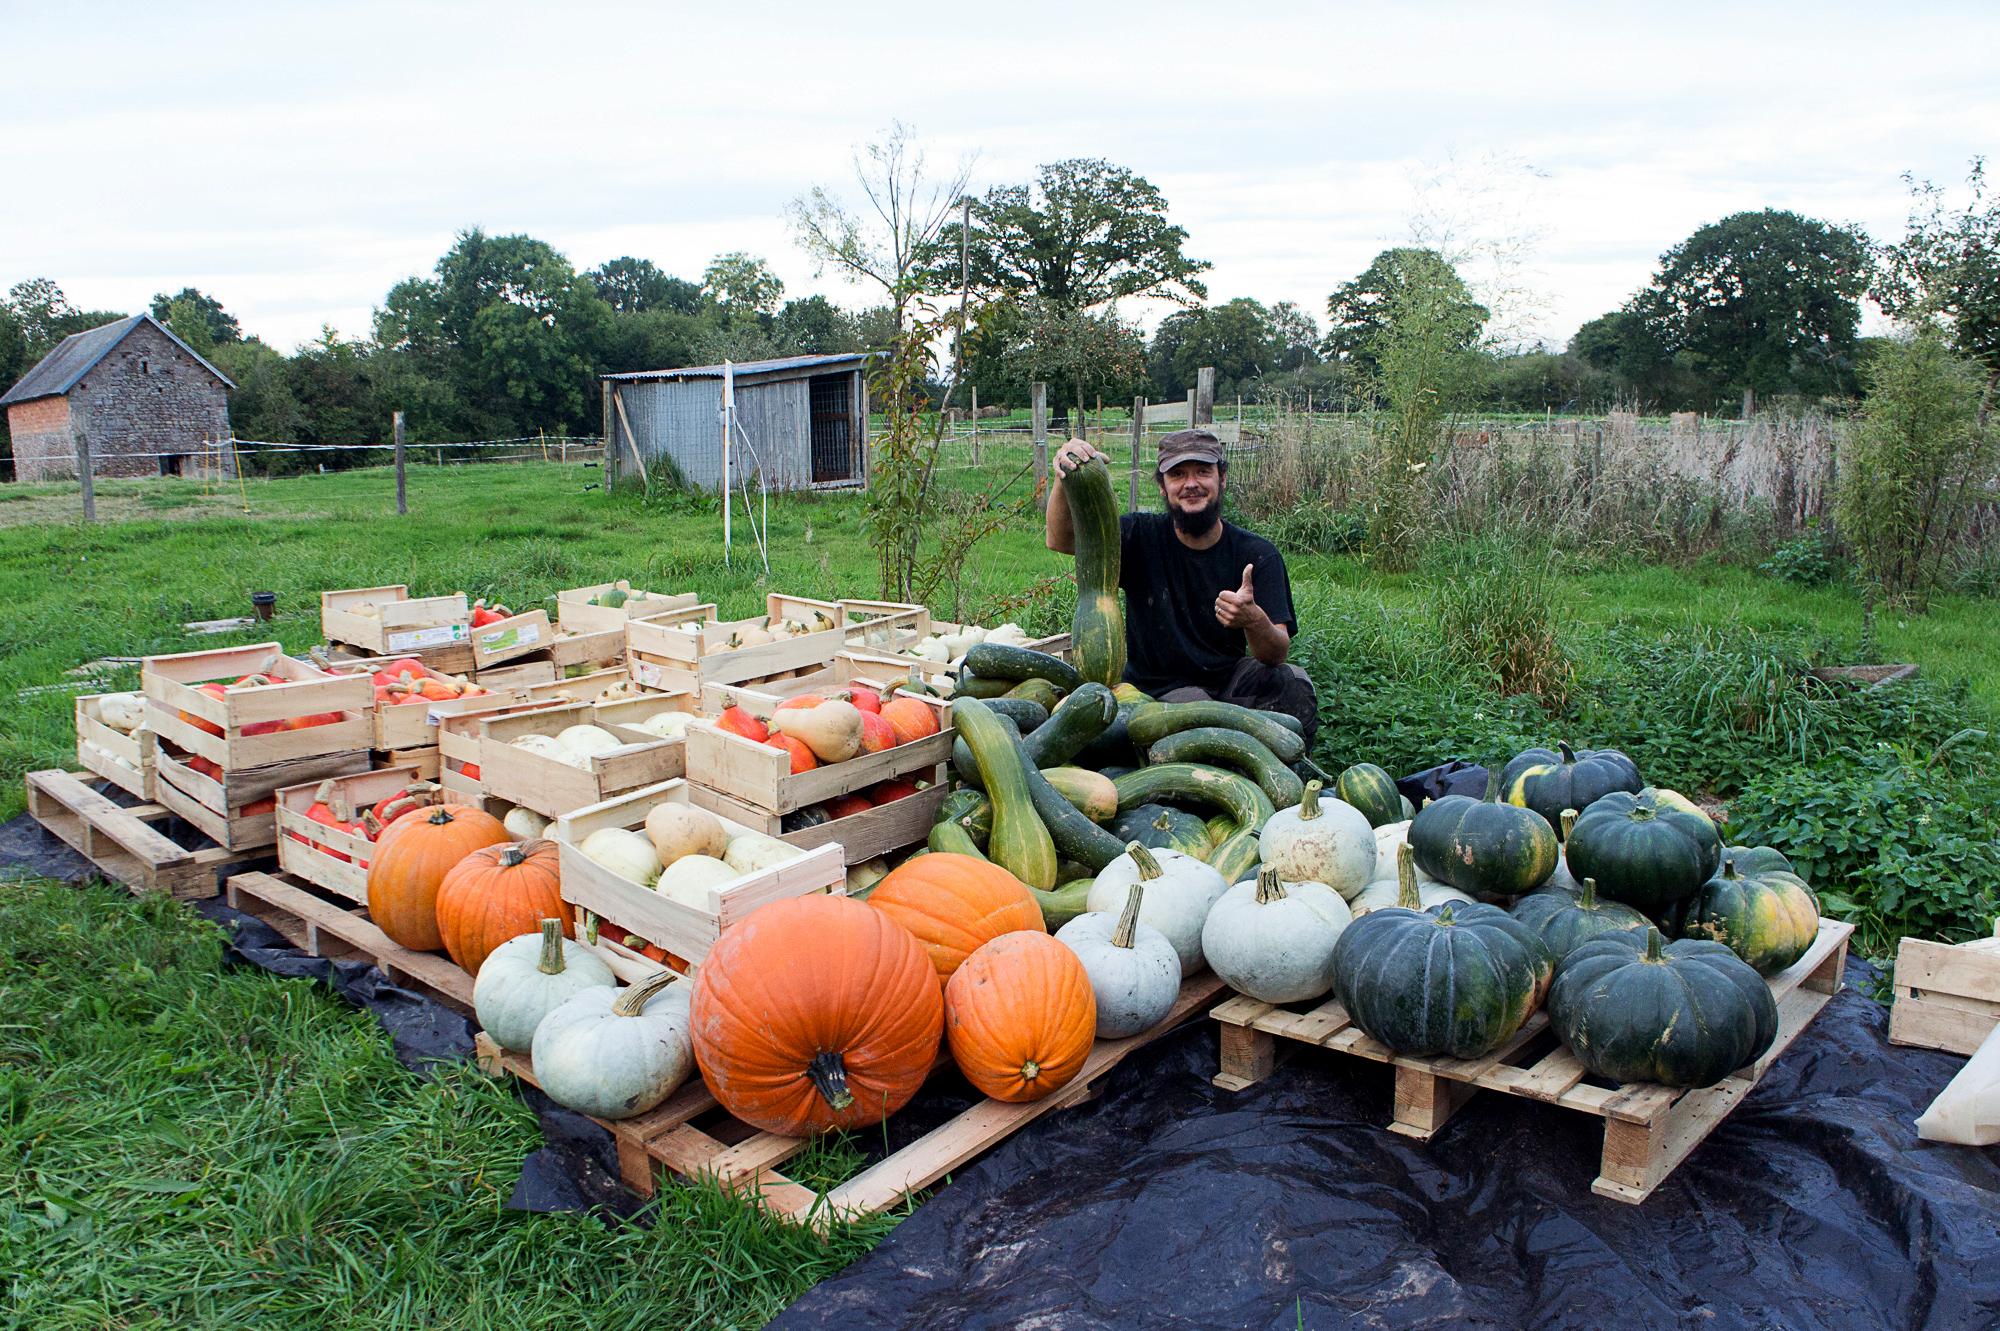 La ferme St-Ursin, légumes frais et bio, maraîcher du sud Manche